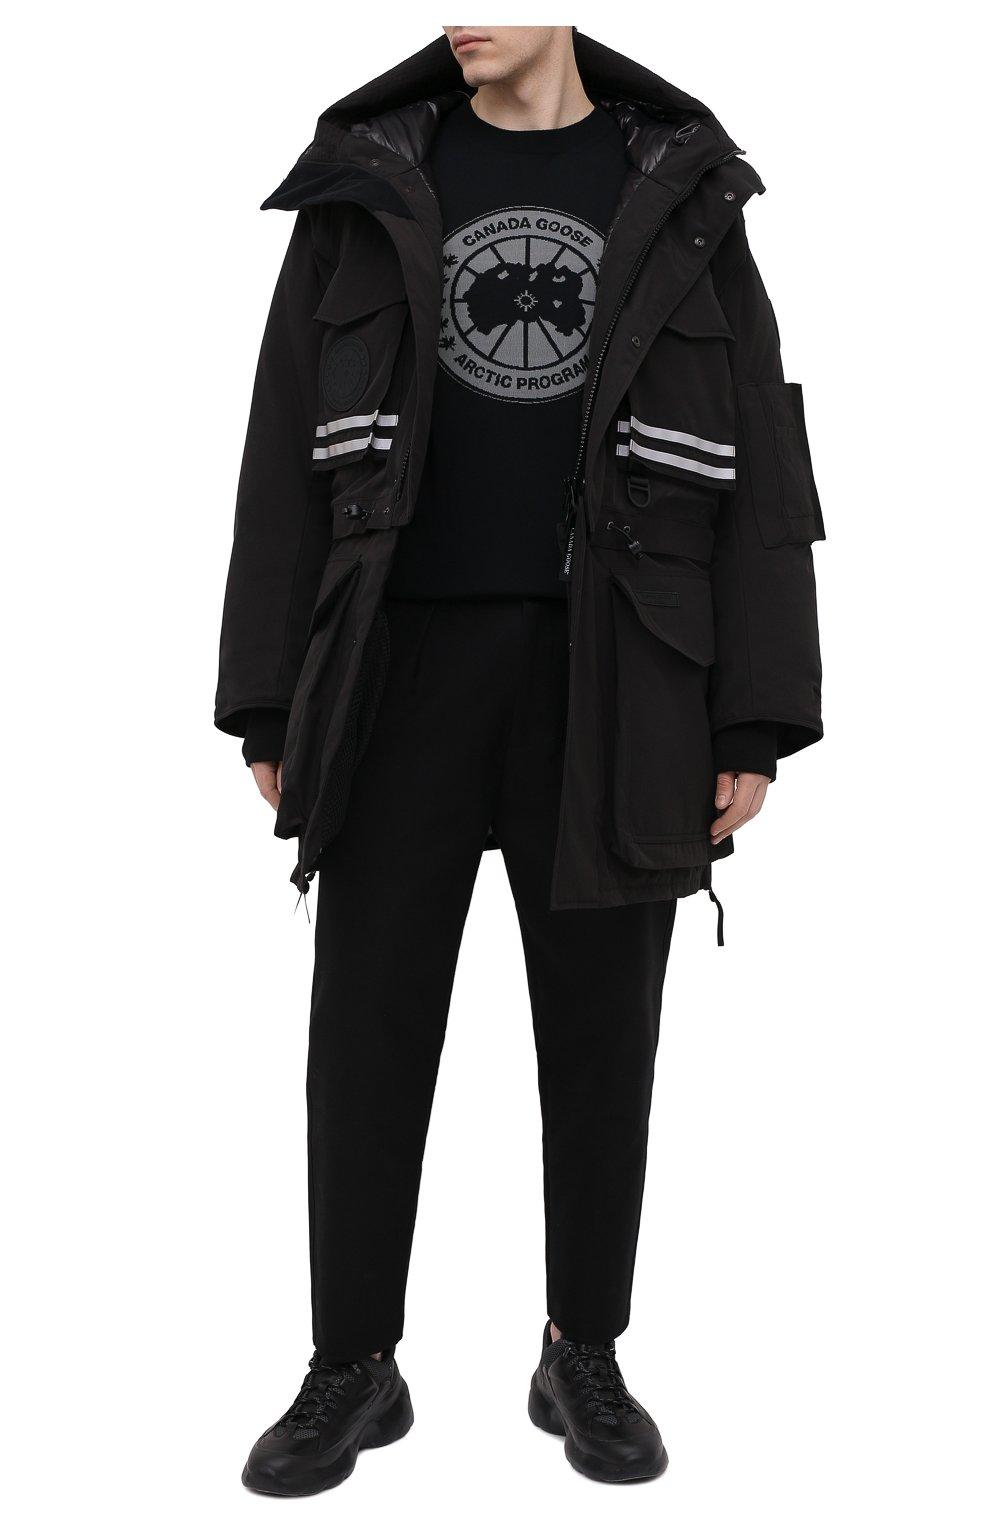 Мужская пуховая парка snow mantra CANADA GOOSE черного цвета, арт. 8800MC   Фото 2 (Кросс-КТ: Куртка; Мужское Кросс-КТ: пуховик-короткий; Рукава: Короткие; Материал внешний: Синтетический материал; Стили: Спорт-шик; Материал подклада: Синтетический материал)